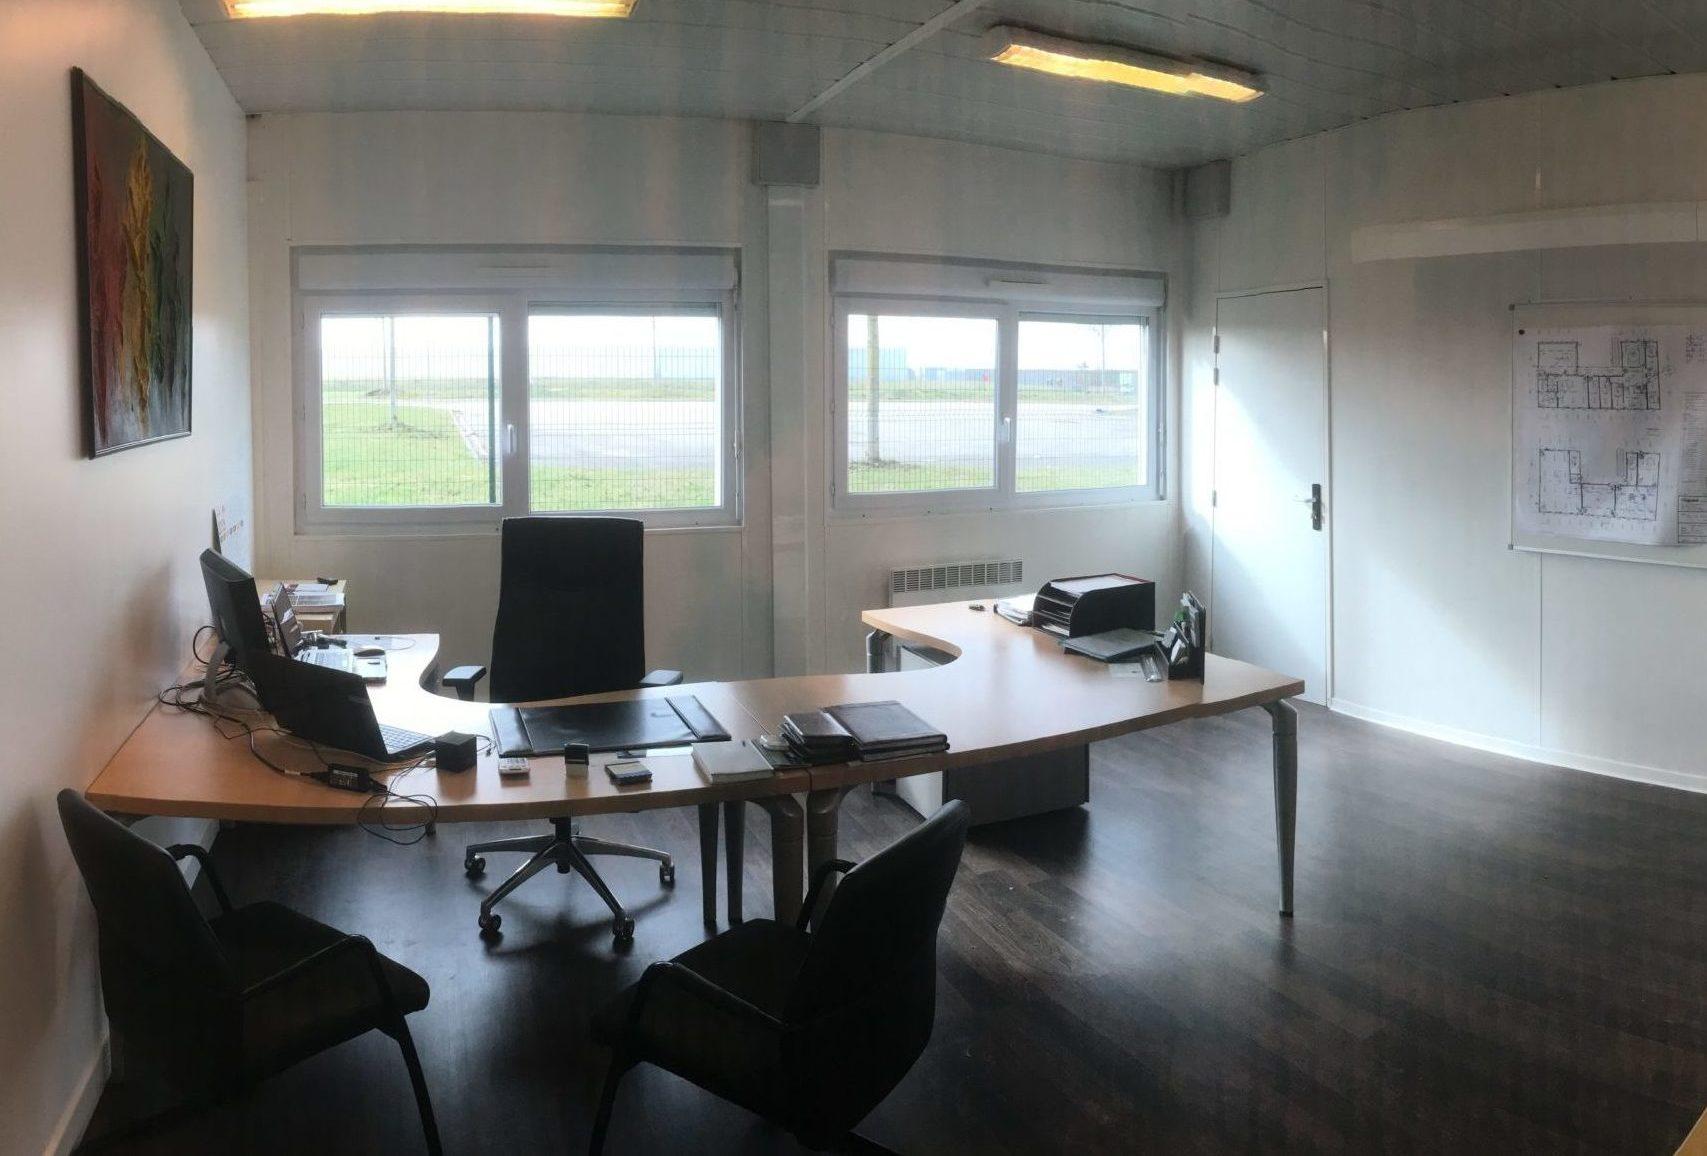 Location de bureaux à sens euripole